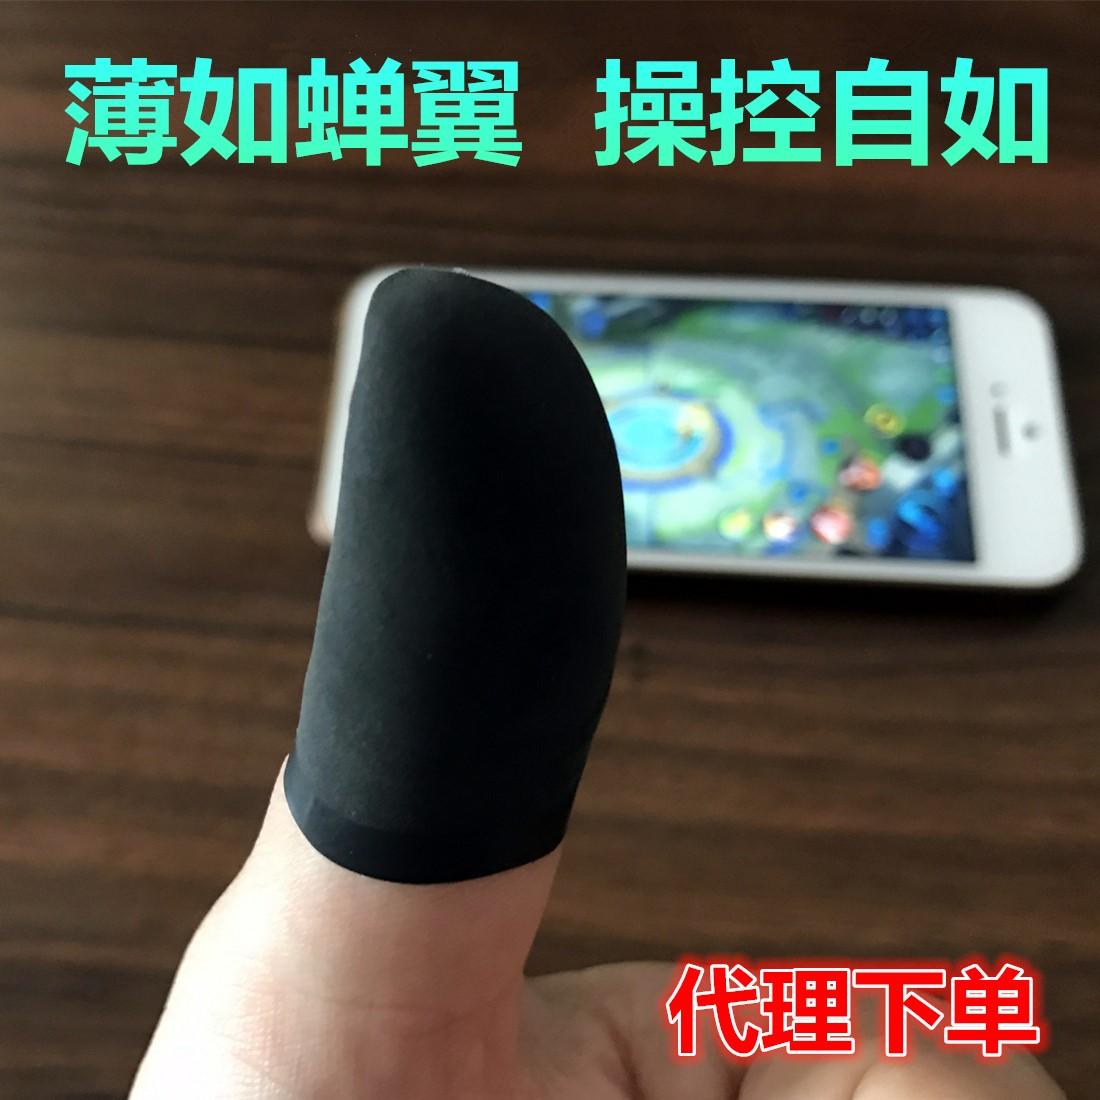 胶皮超薄取盘器手机触摸屏加厚耐磨工作点钞防滑网游摇杆手指套